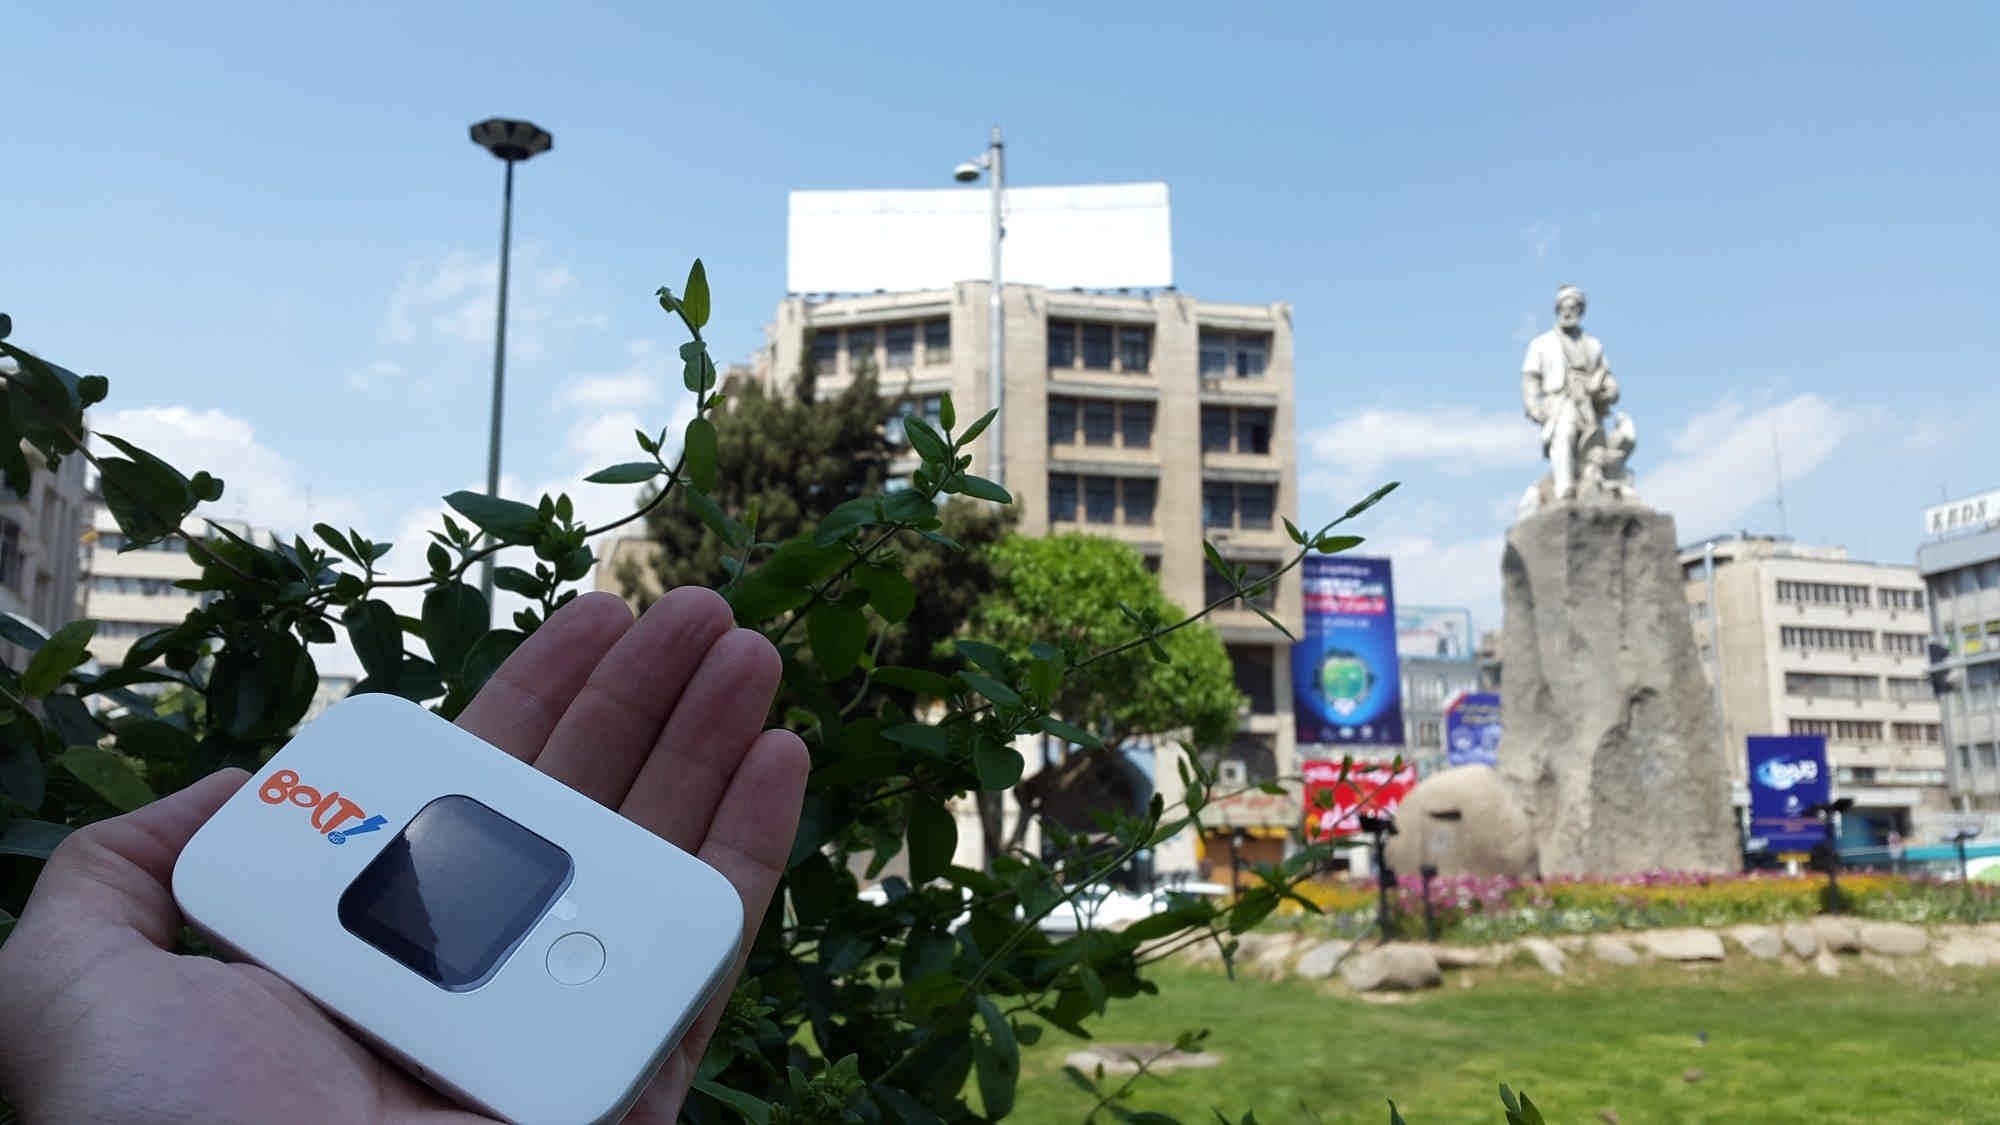 مودم همراه 4G هوآوي مدل E5577 Huawei WIFI Portable Modem